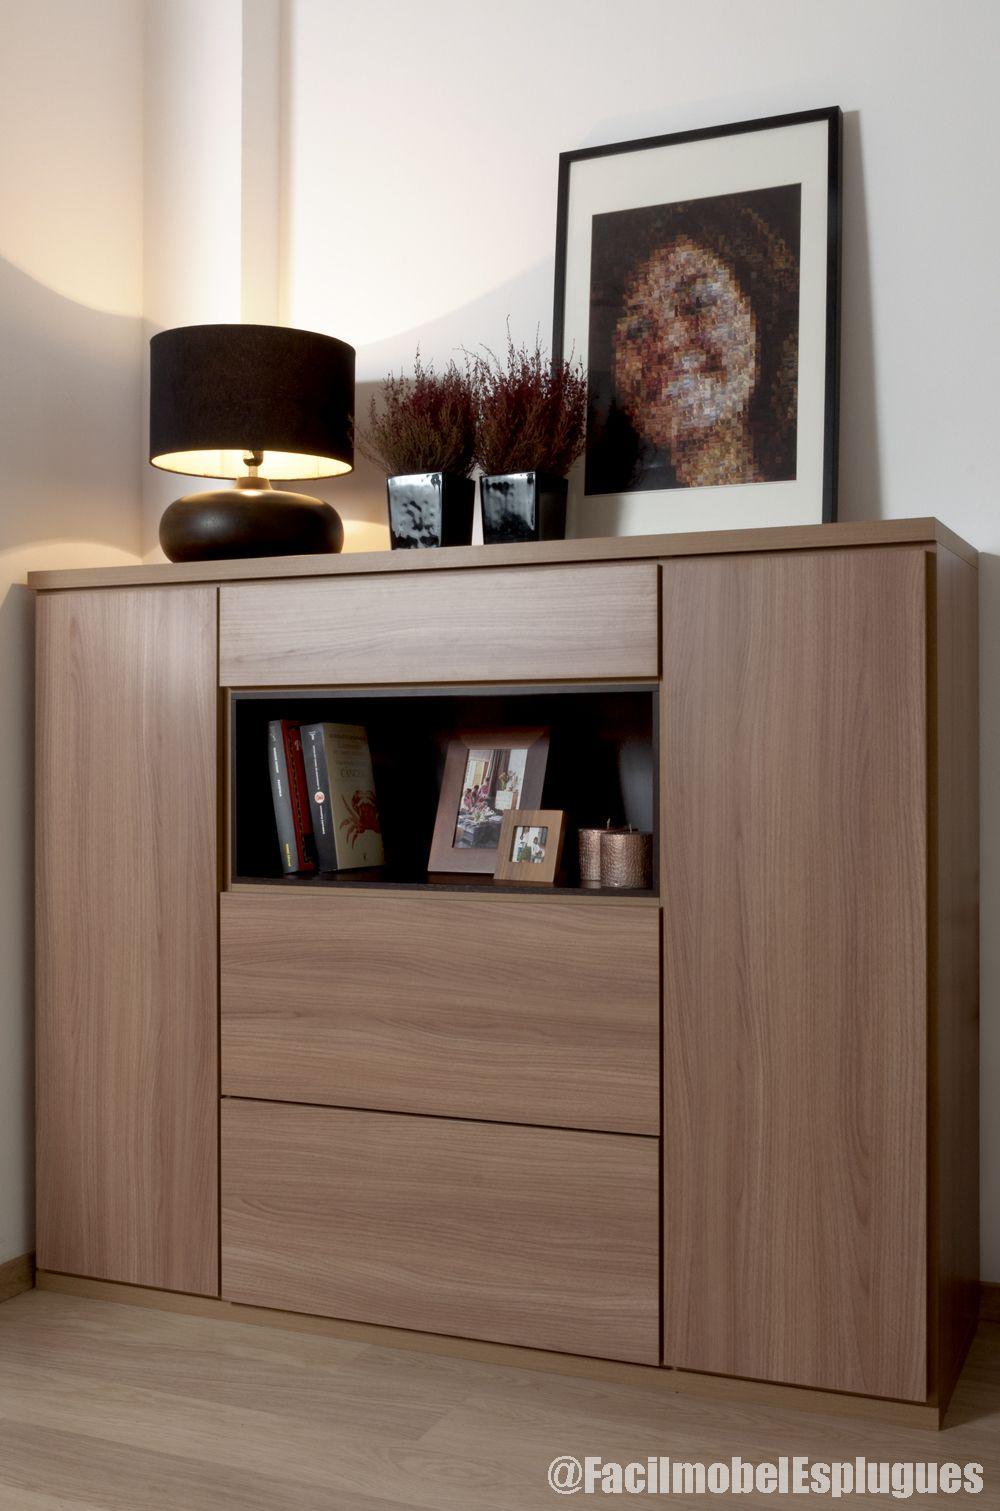 Mueble Servicio De Mesa Ajustado A Columna En Madera Nogal Con  # Muebles Volumen